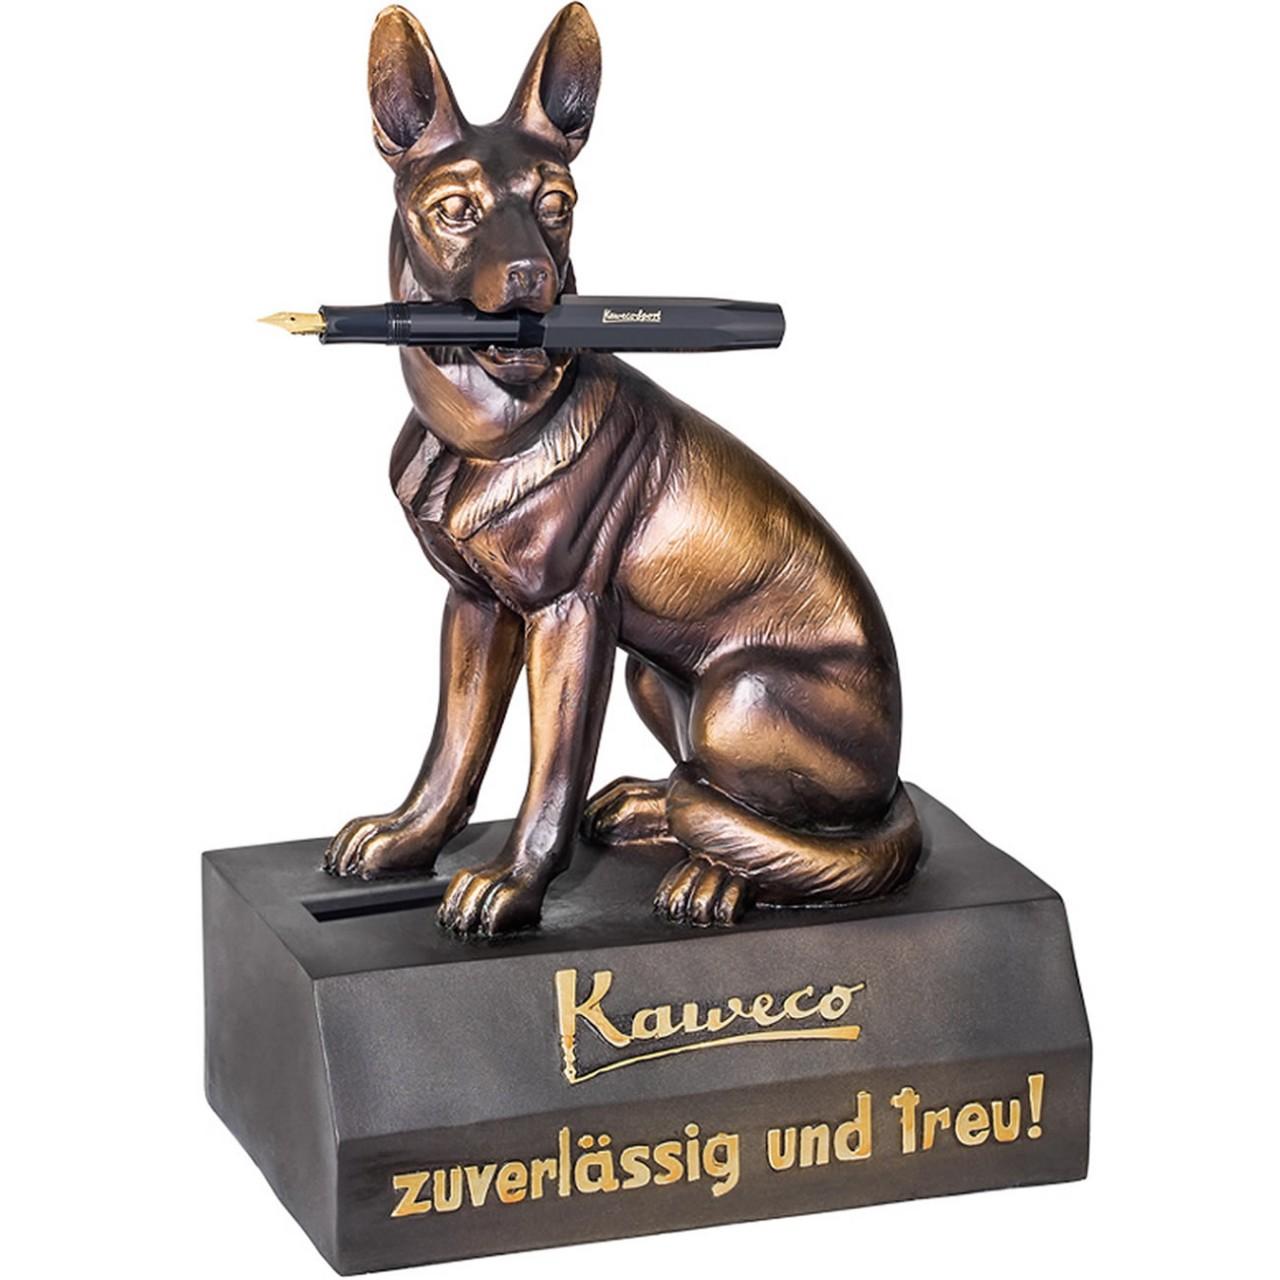 Kaweco Schäferhund Stiftehalter & Spardose